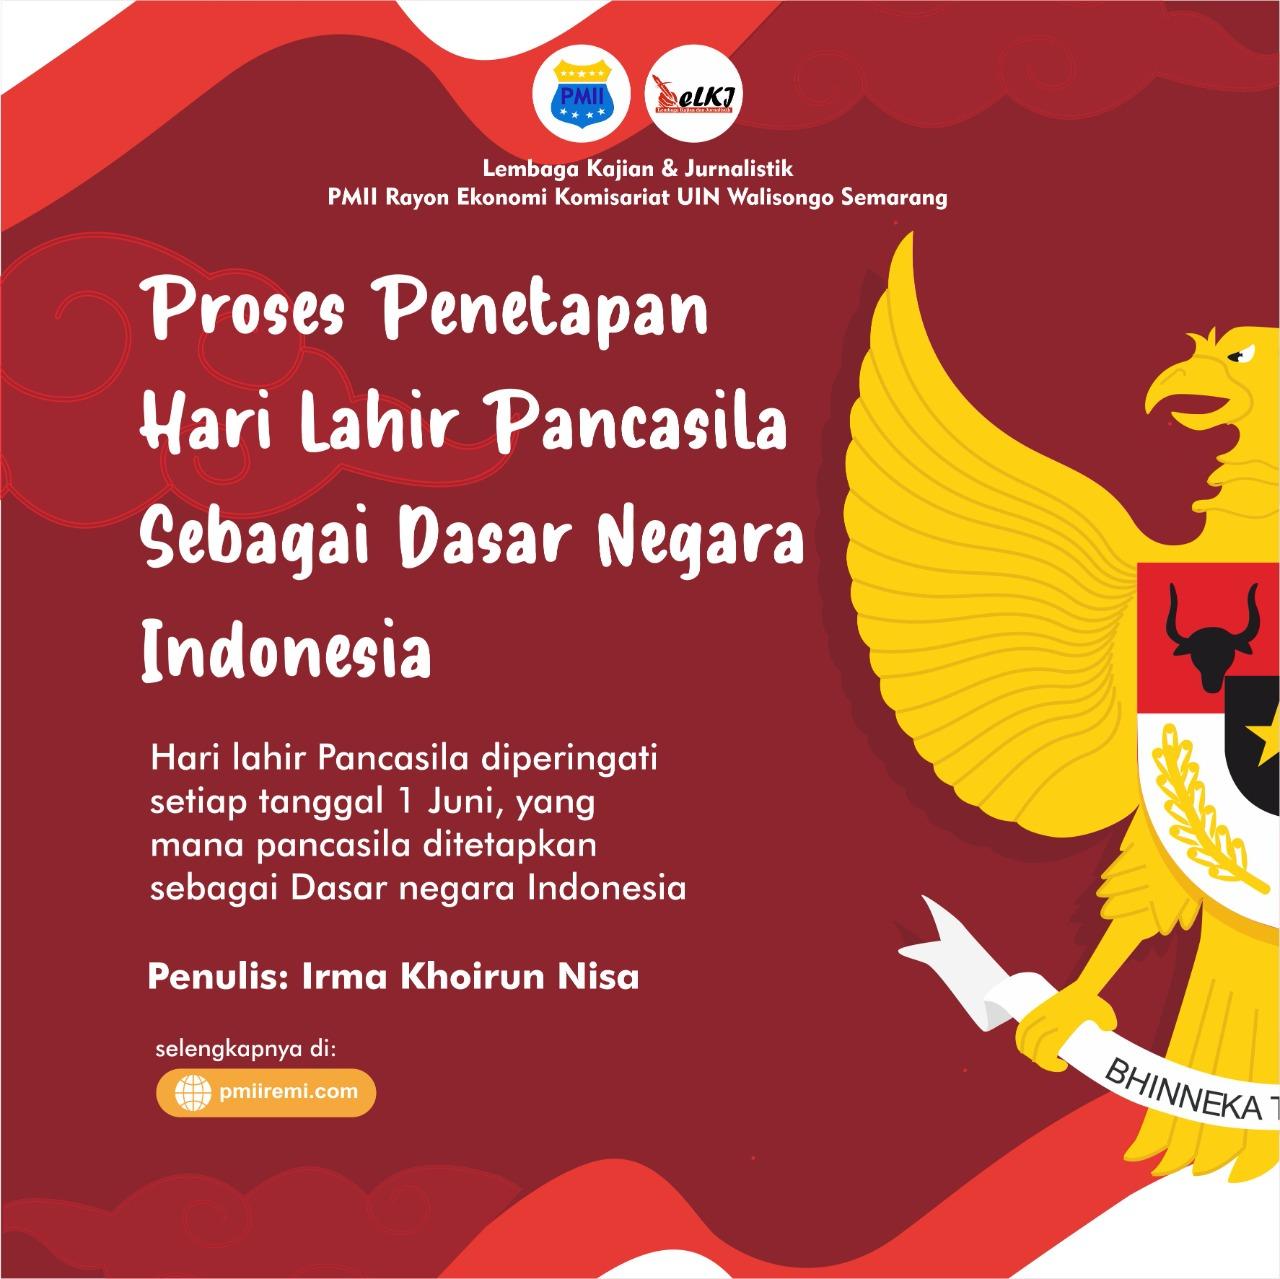 Proses Penetapan Hari Lahir Pancasila sebagai Dasar Negara Indonesia